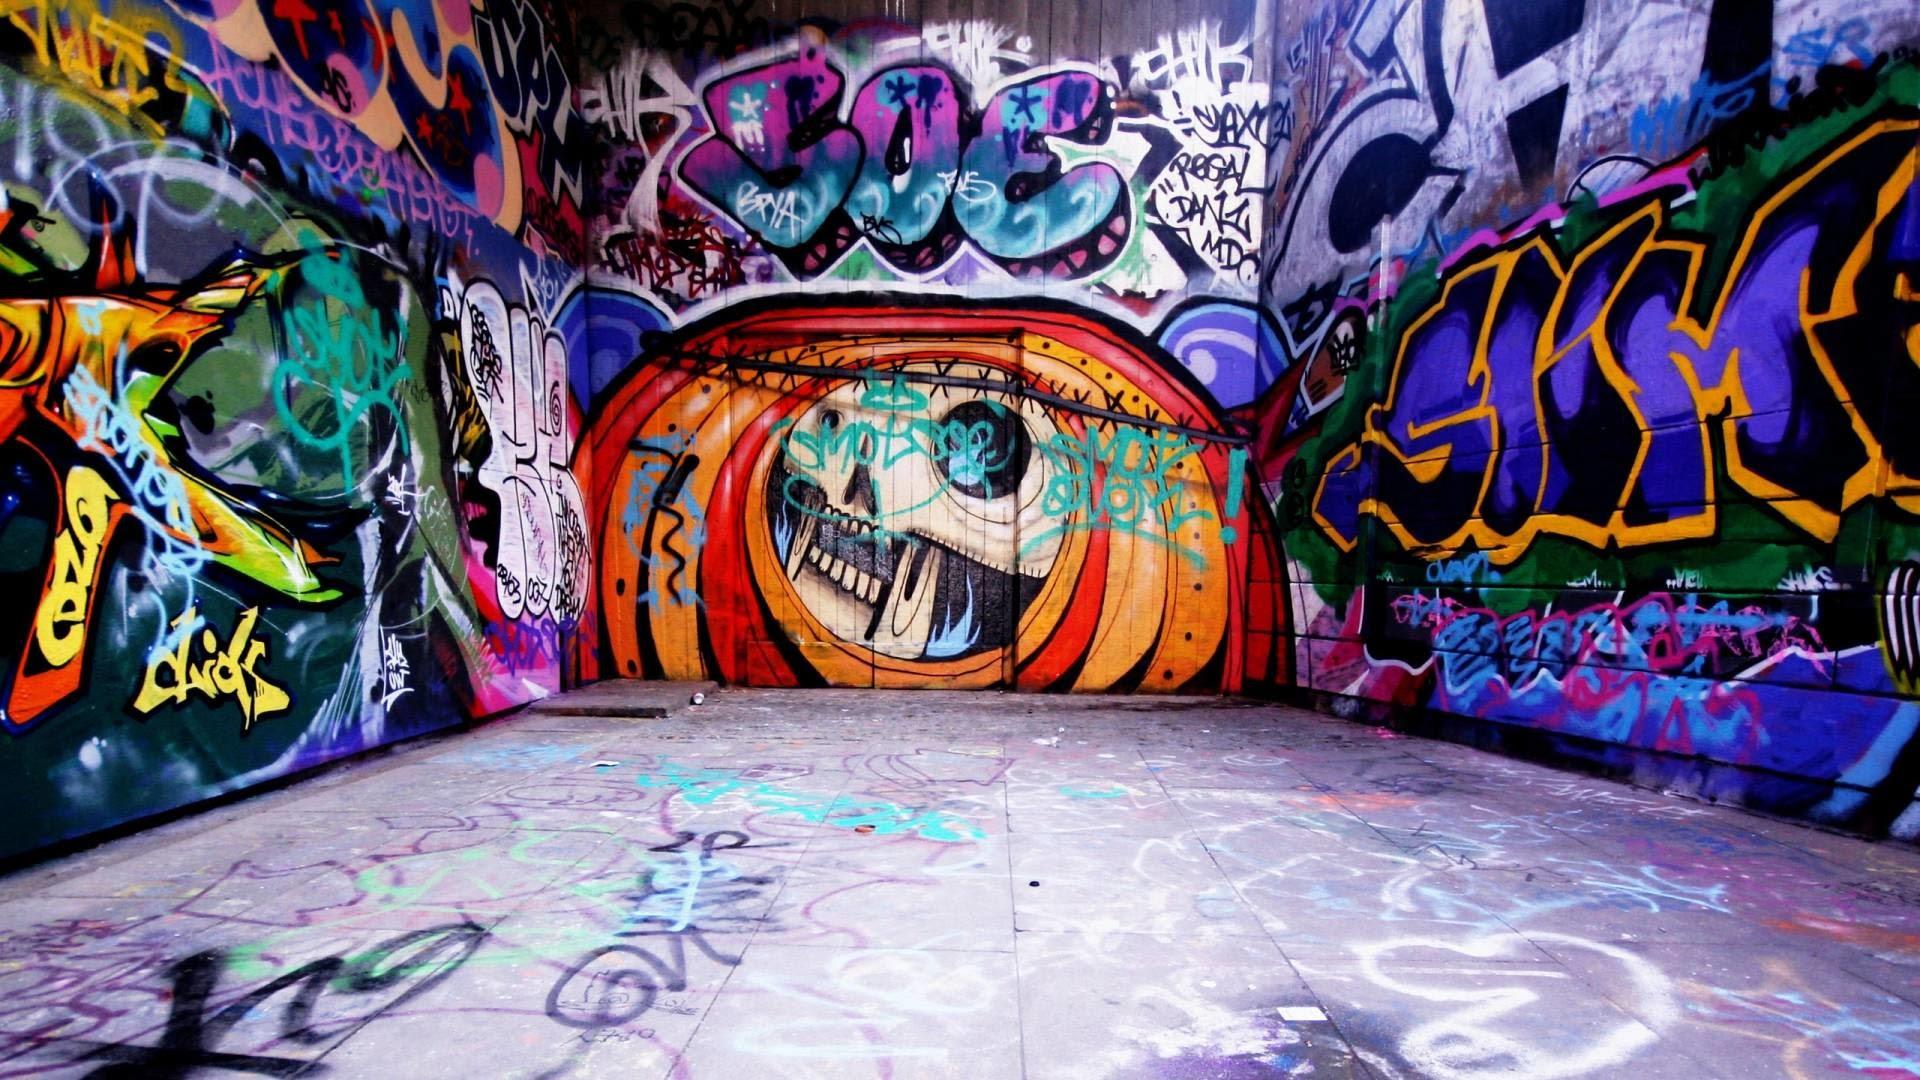 Download 72 Koleksi Gambar Grafiti Keren Full Hd Paling Bagus Gratis HD